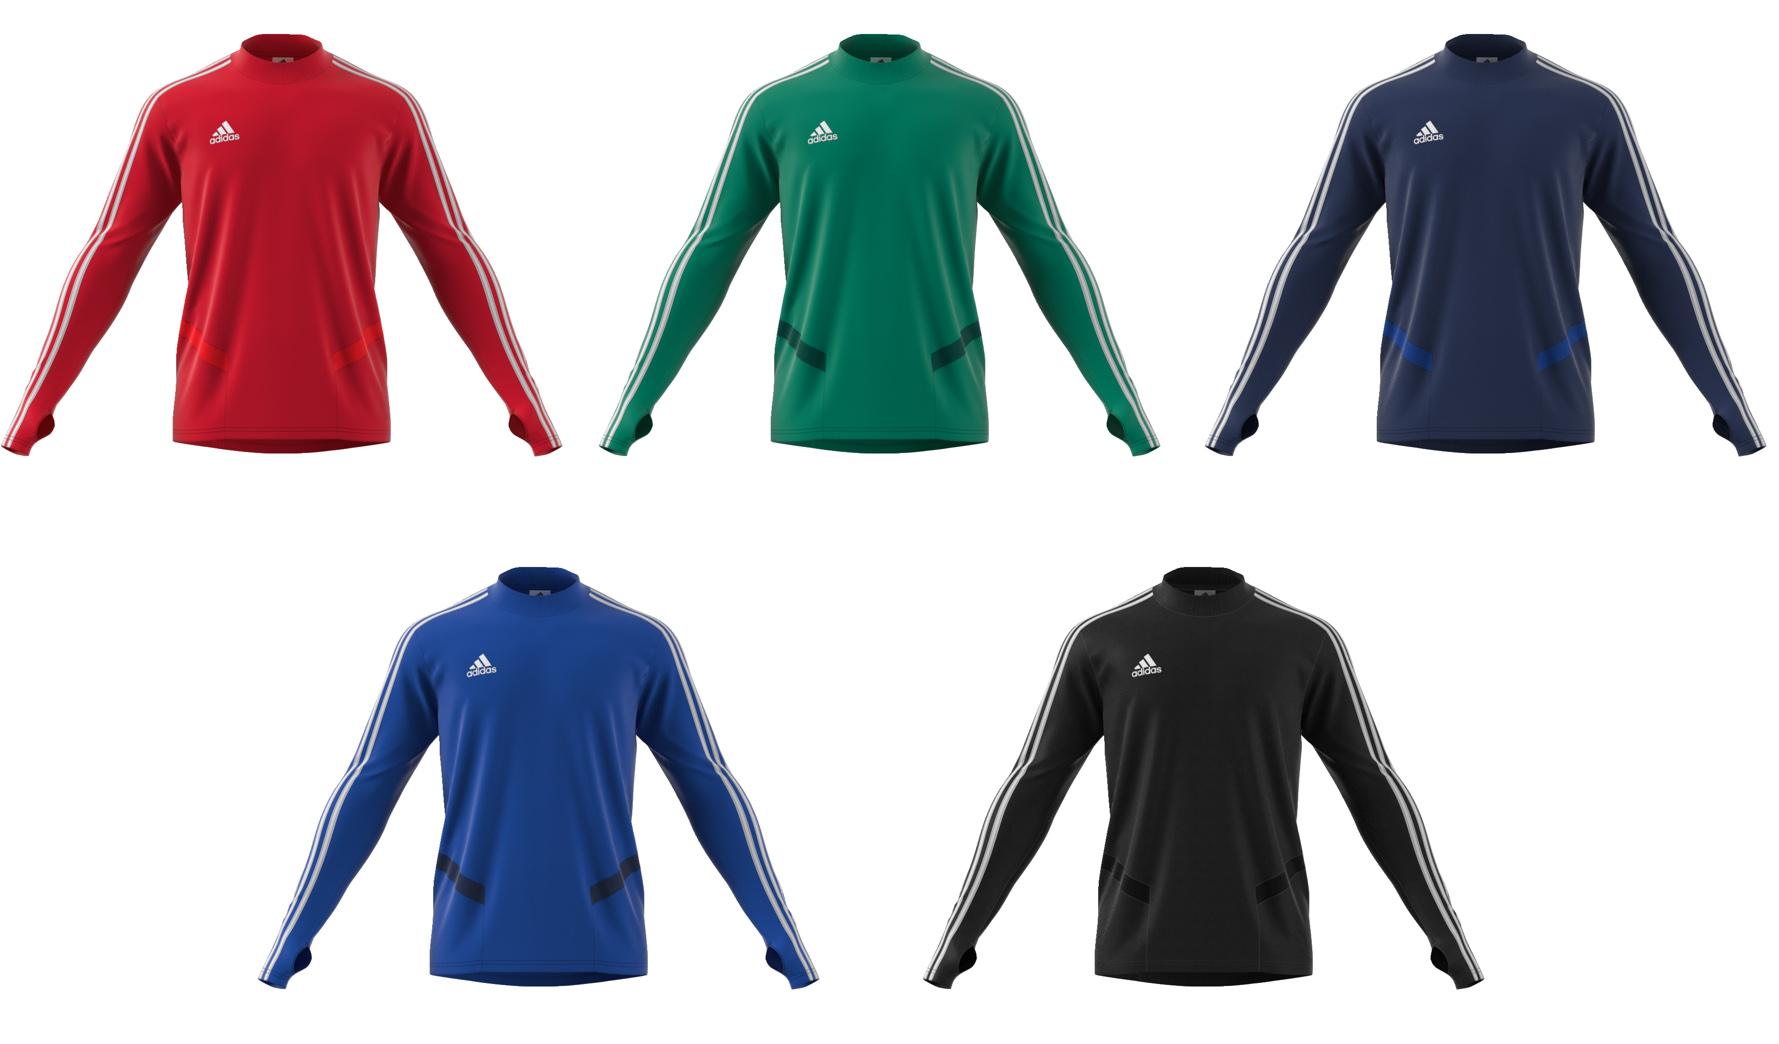 adidas Tiro 19 Trainingstop SK Teamsport:Sportbekleidung